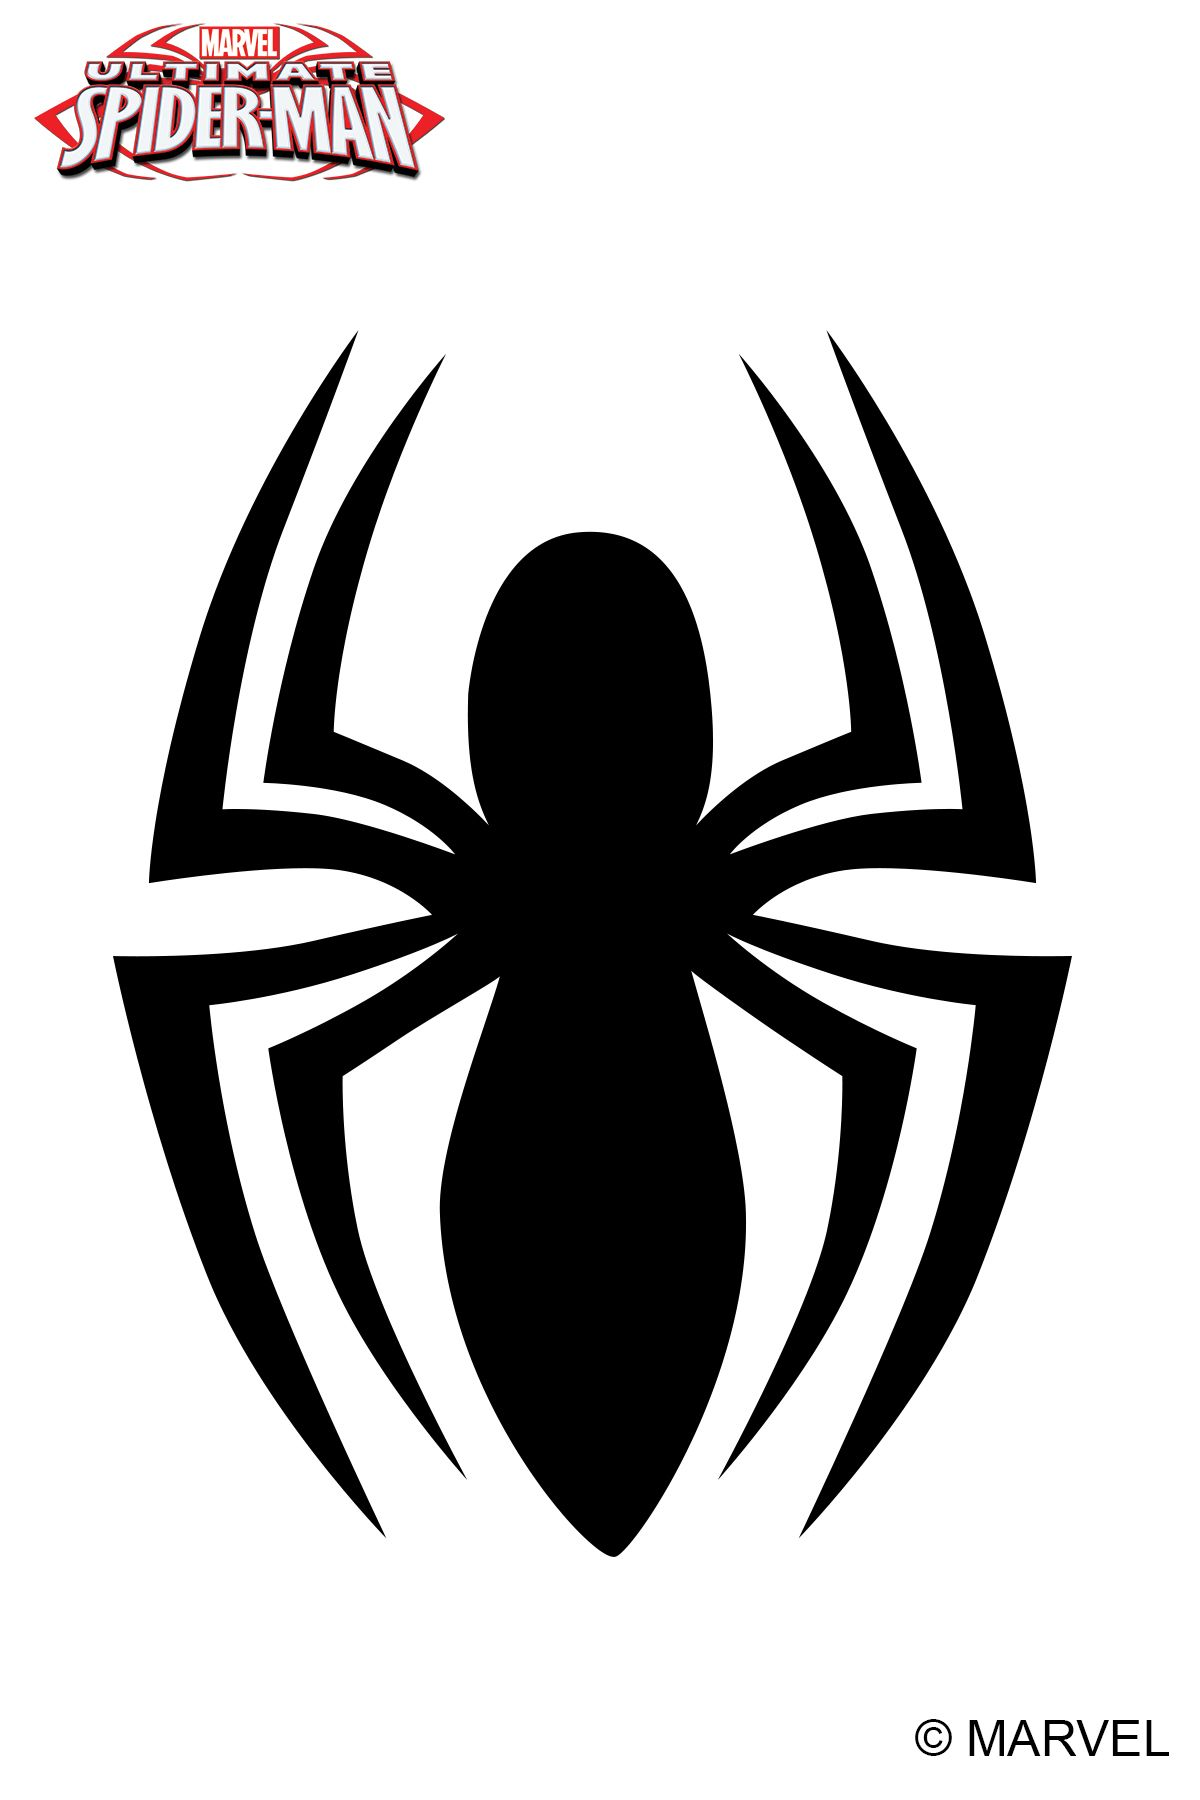 Spider Man Symbol Marvel Ultimate Spider Man Galacticink